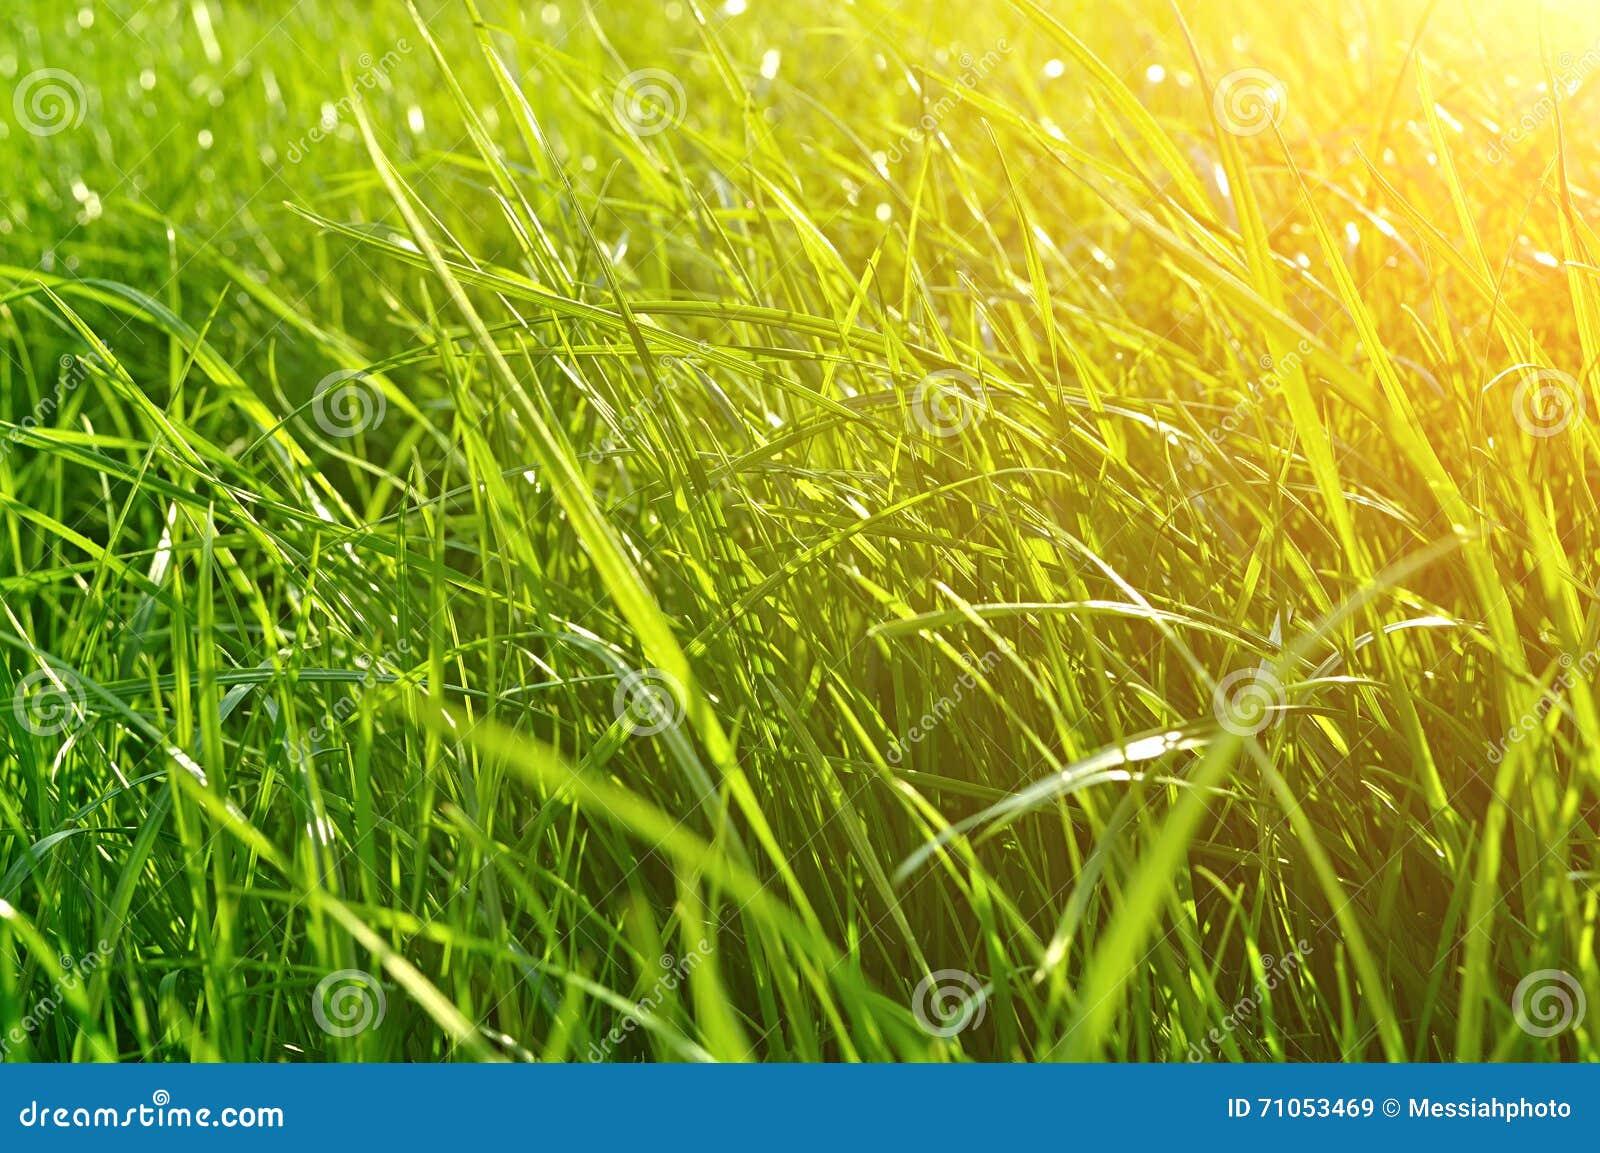 Sfondo Naturale Di Estate Primo Piano Di Erba Verde Fresca Sul